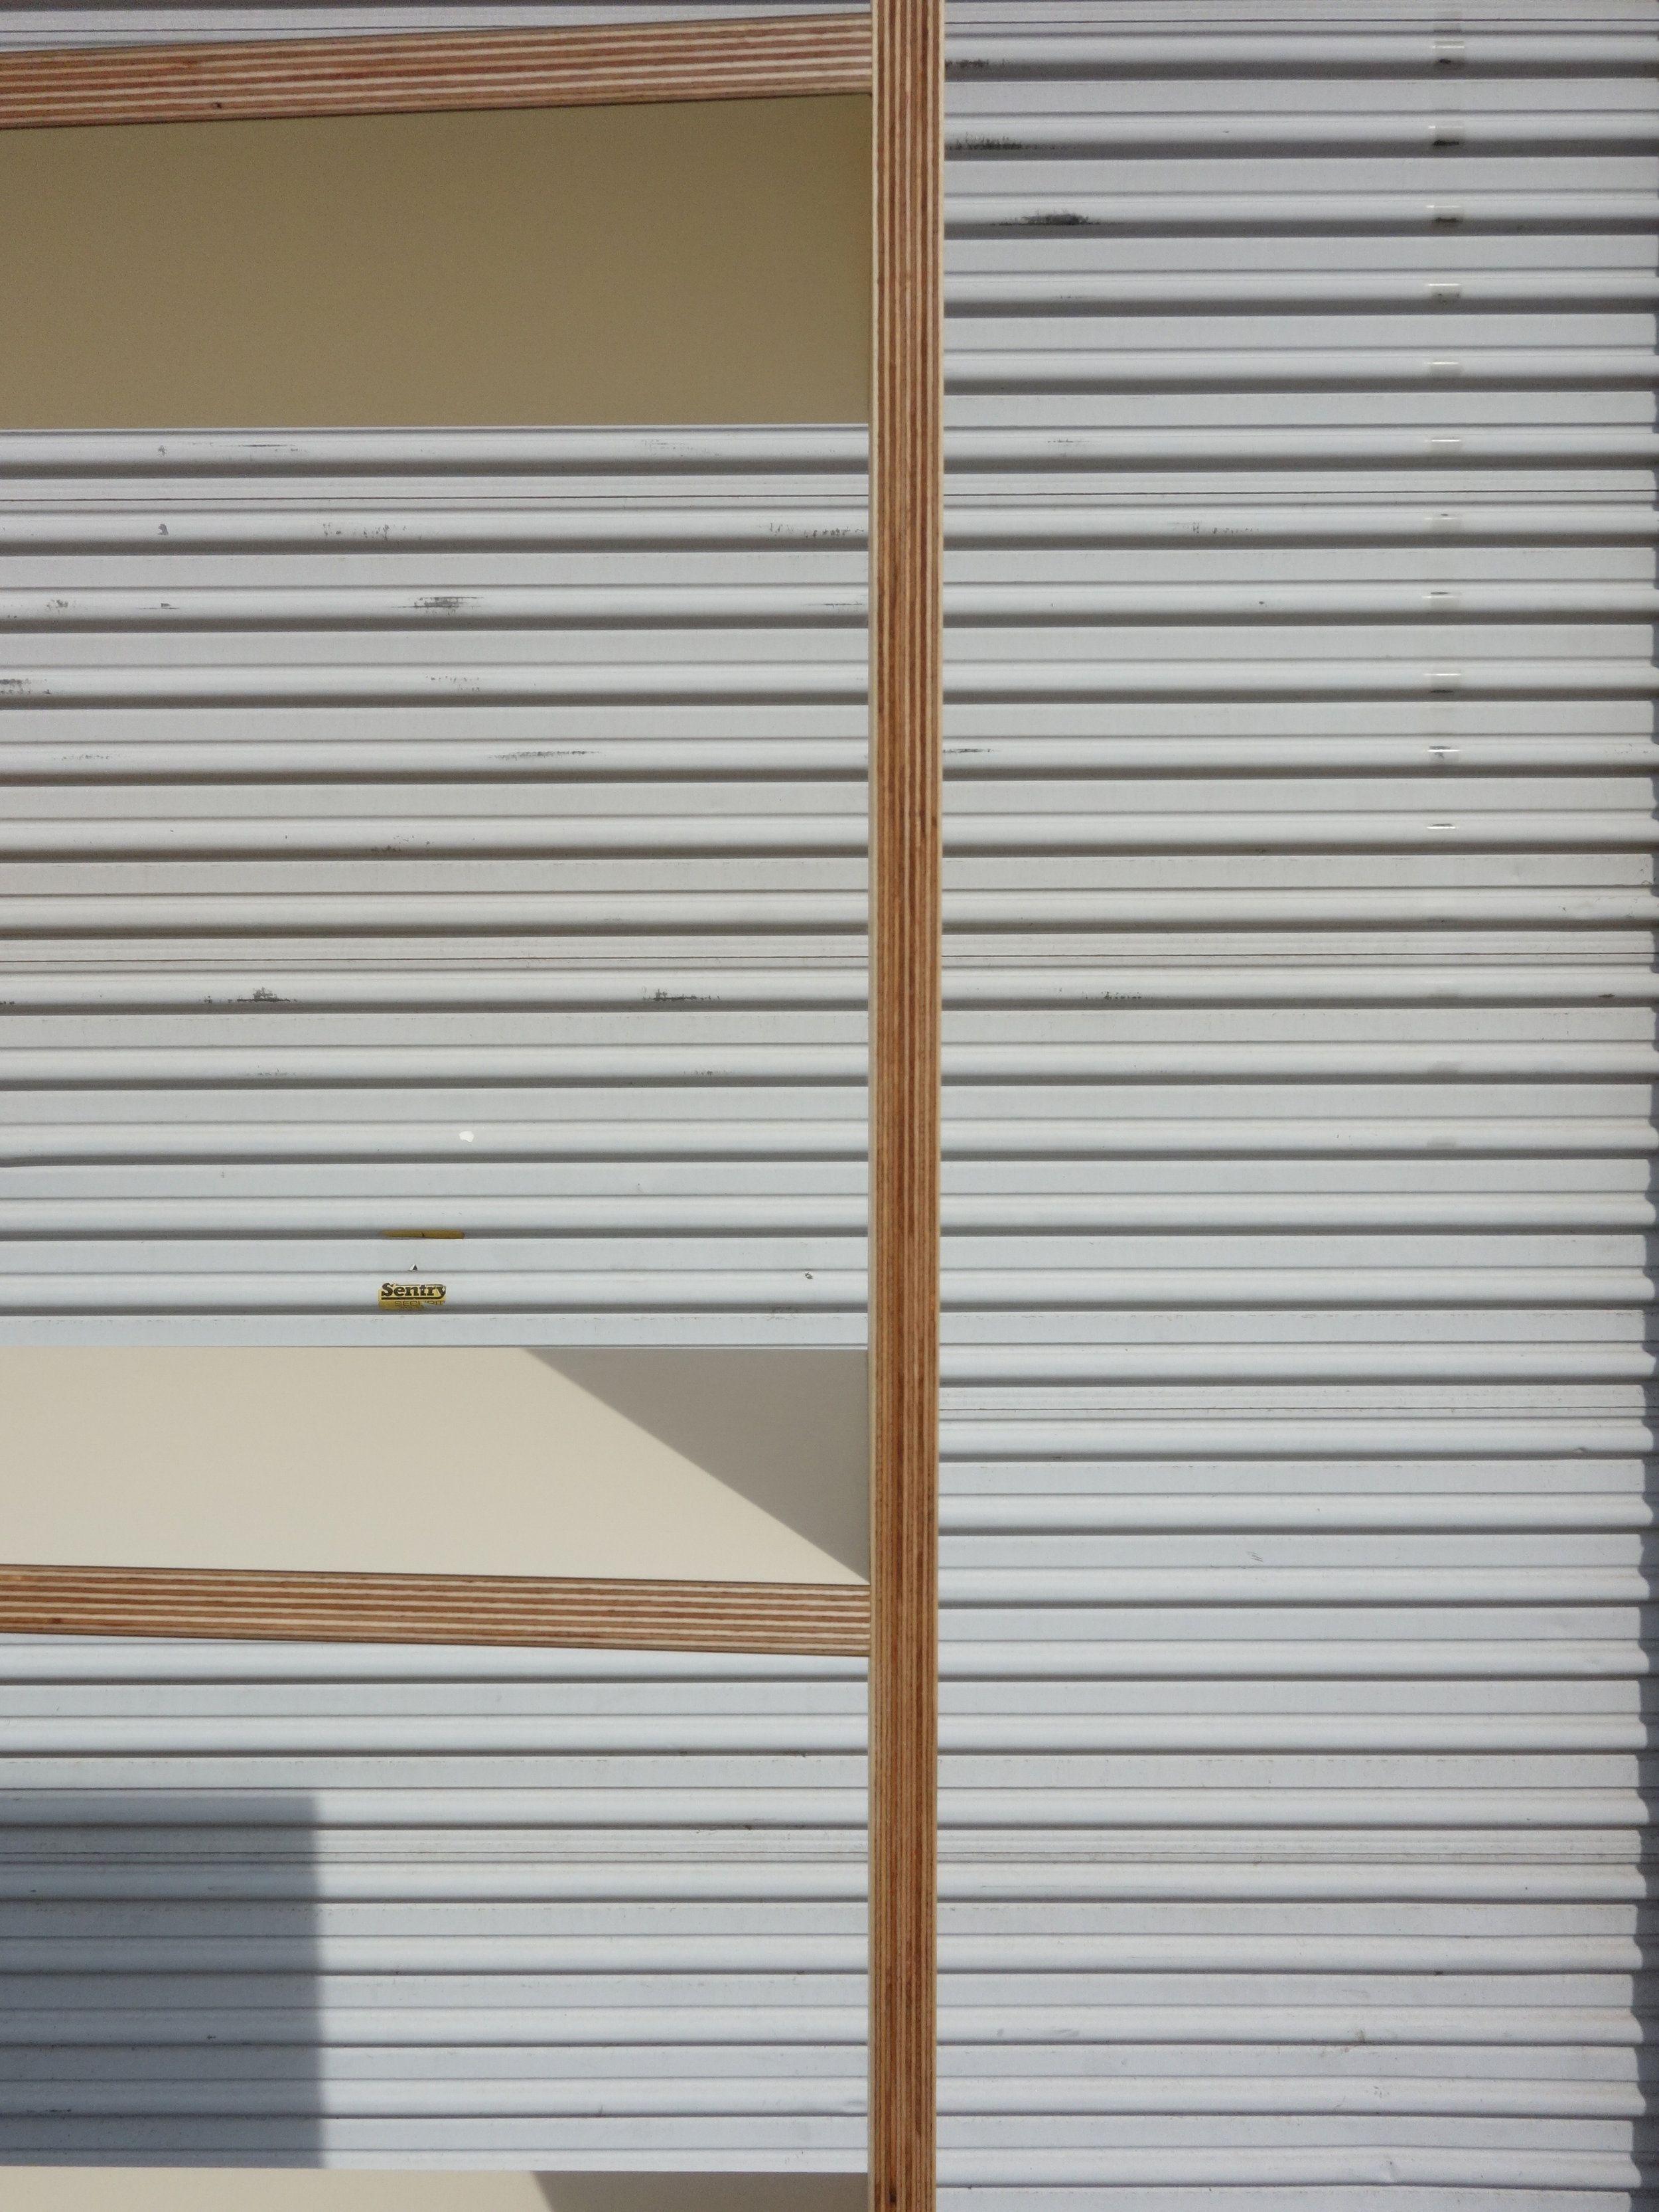 Trapezoid Bookshelf product image 7